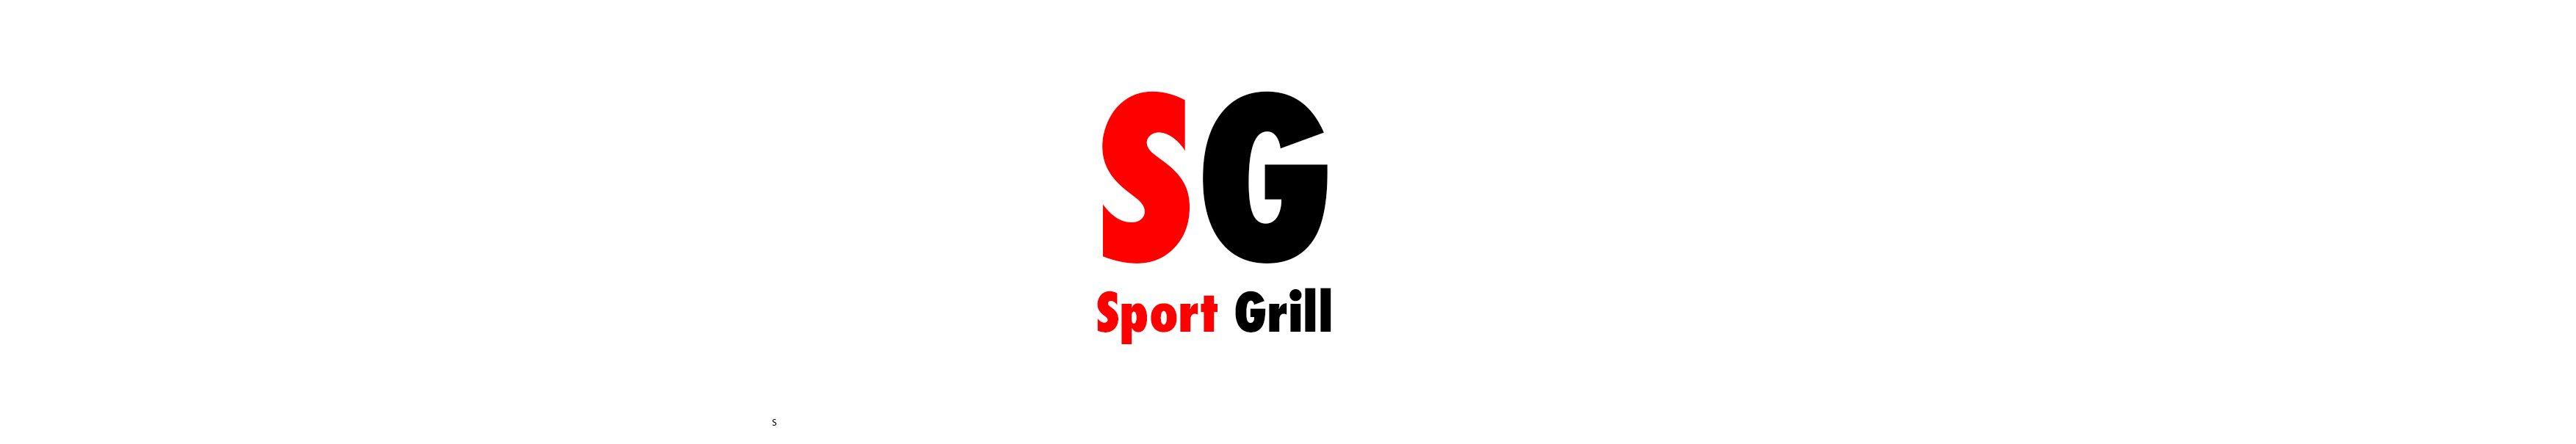 Sport Grill